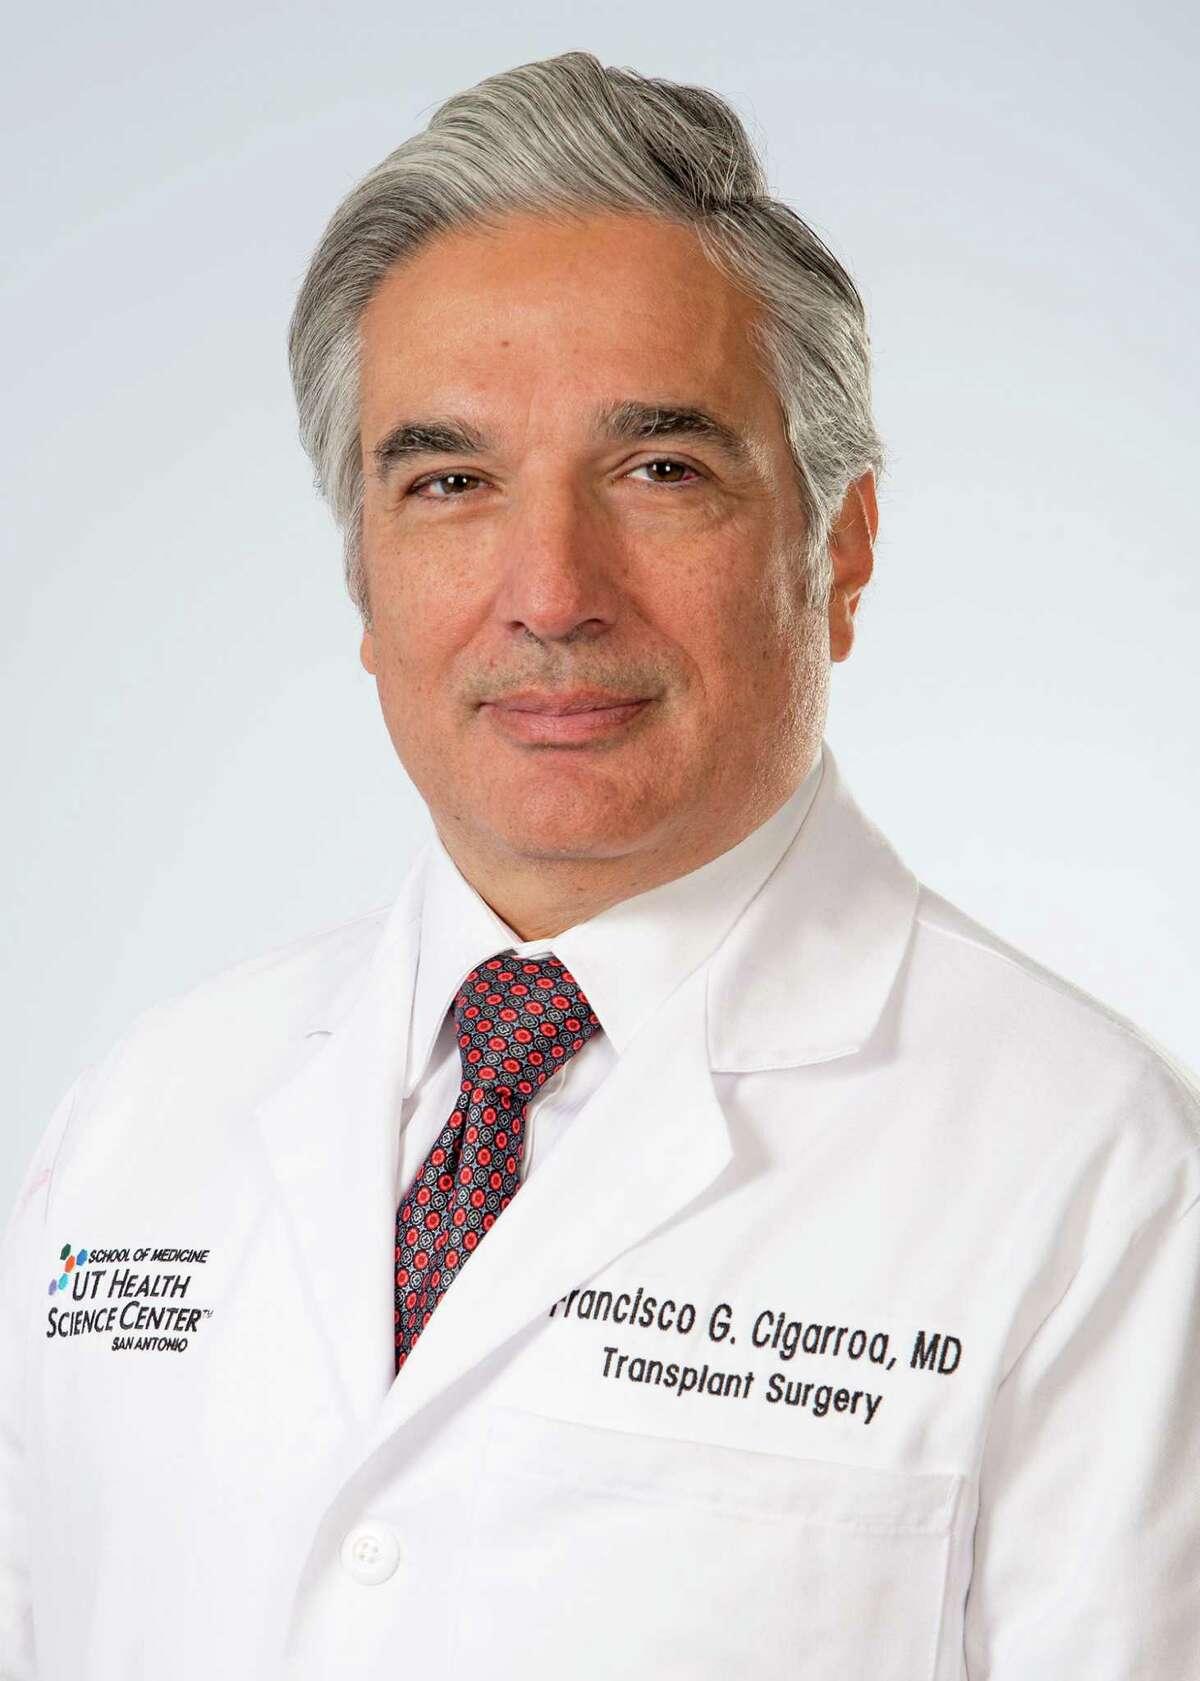 Francisco G. Cigarroa, M.D.